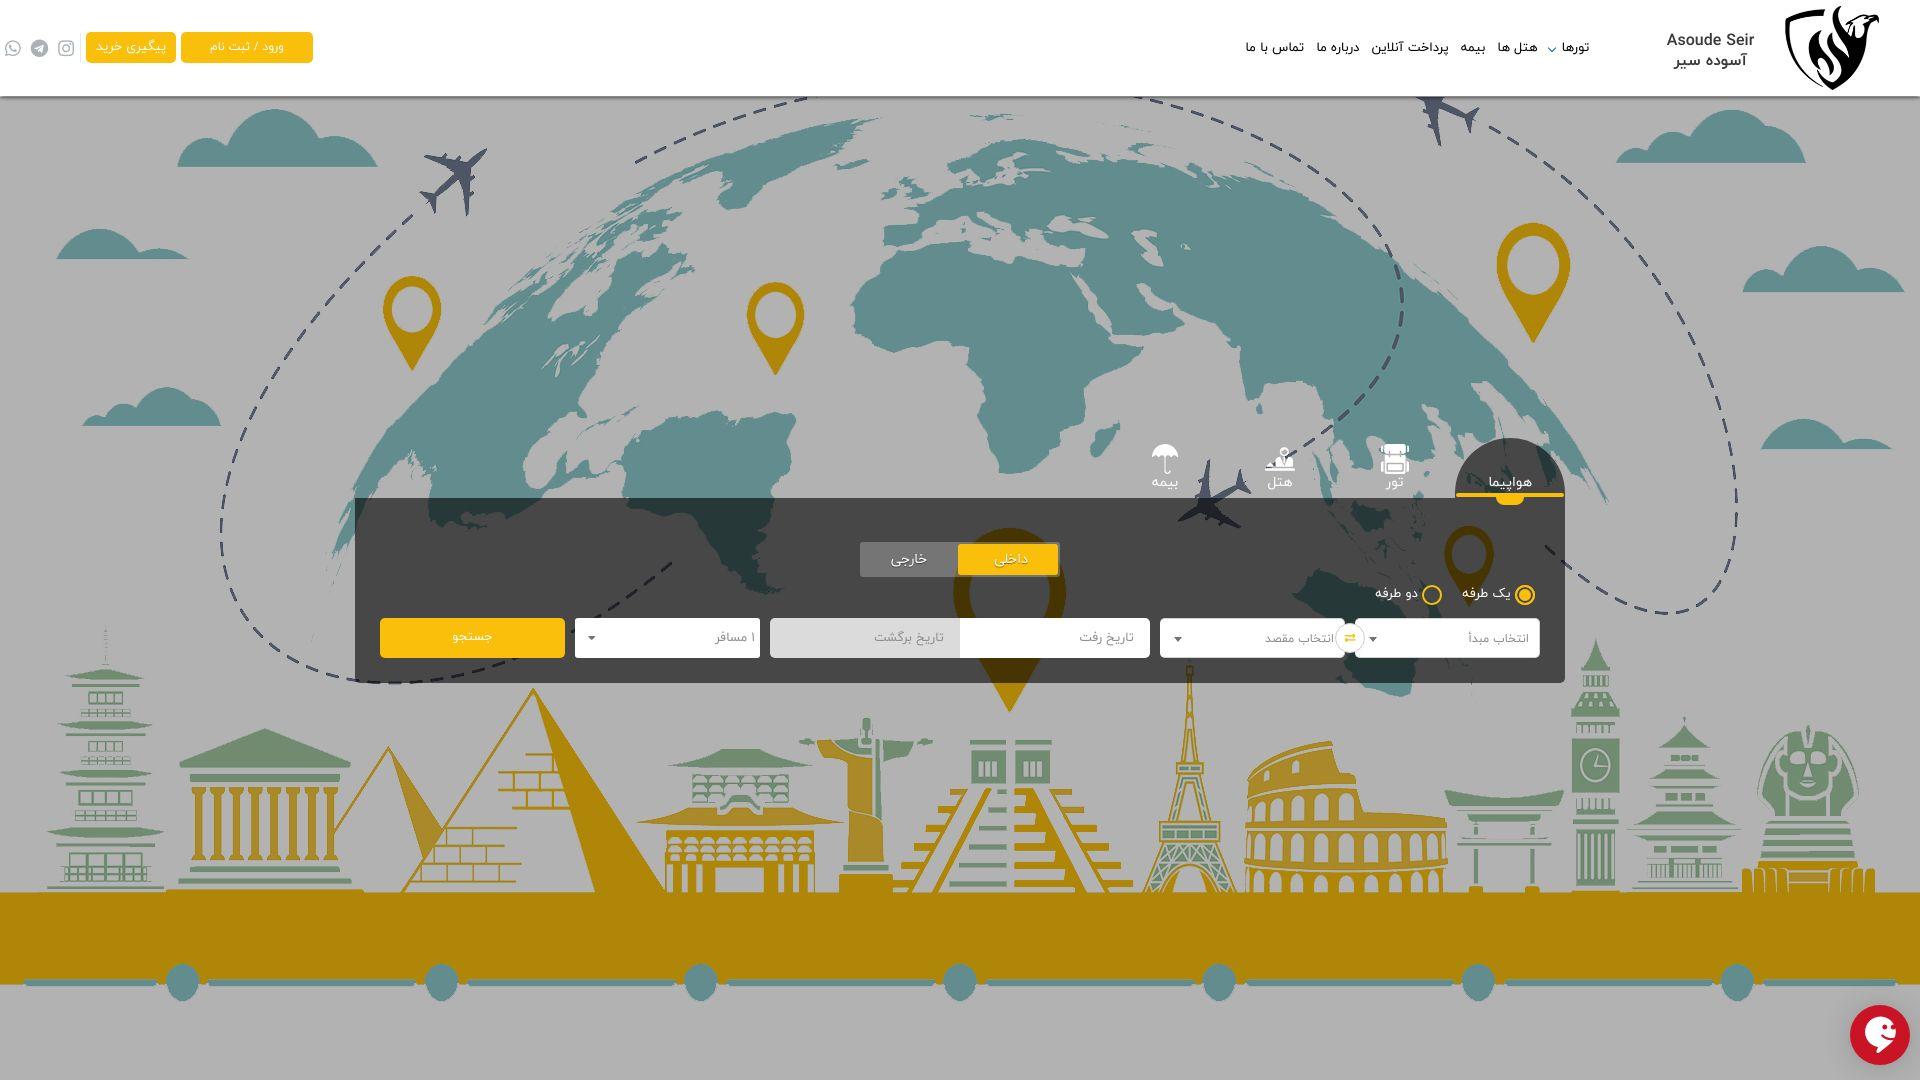 طراحی سیستم - طراحی سایت آژانس مسافرتی آسوده سیر فولادیار